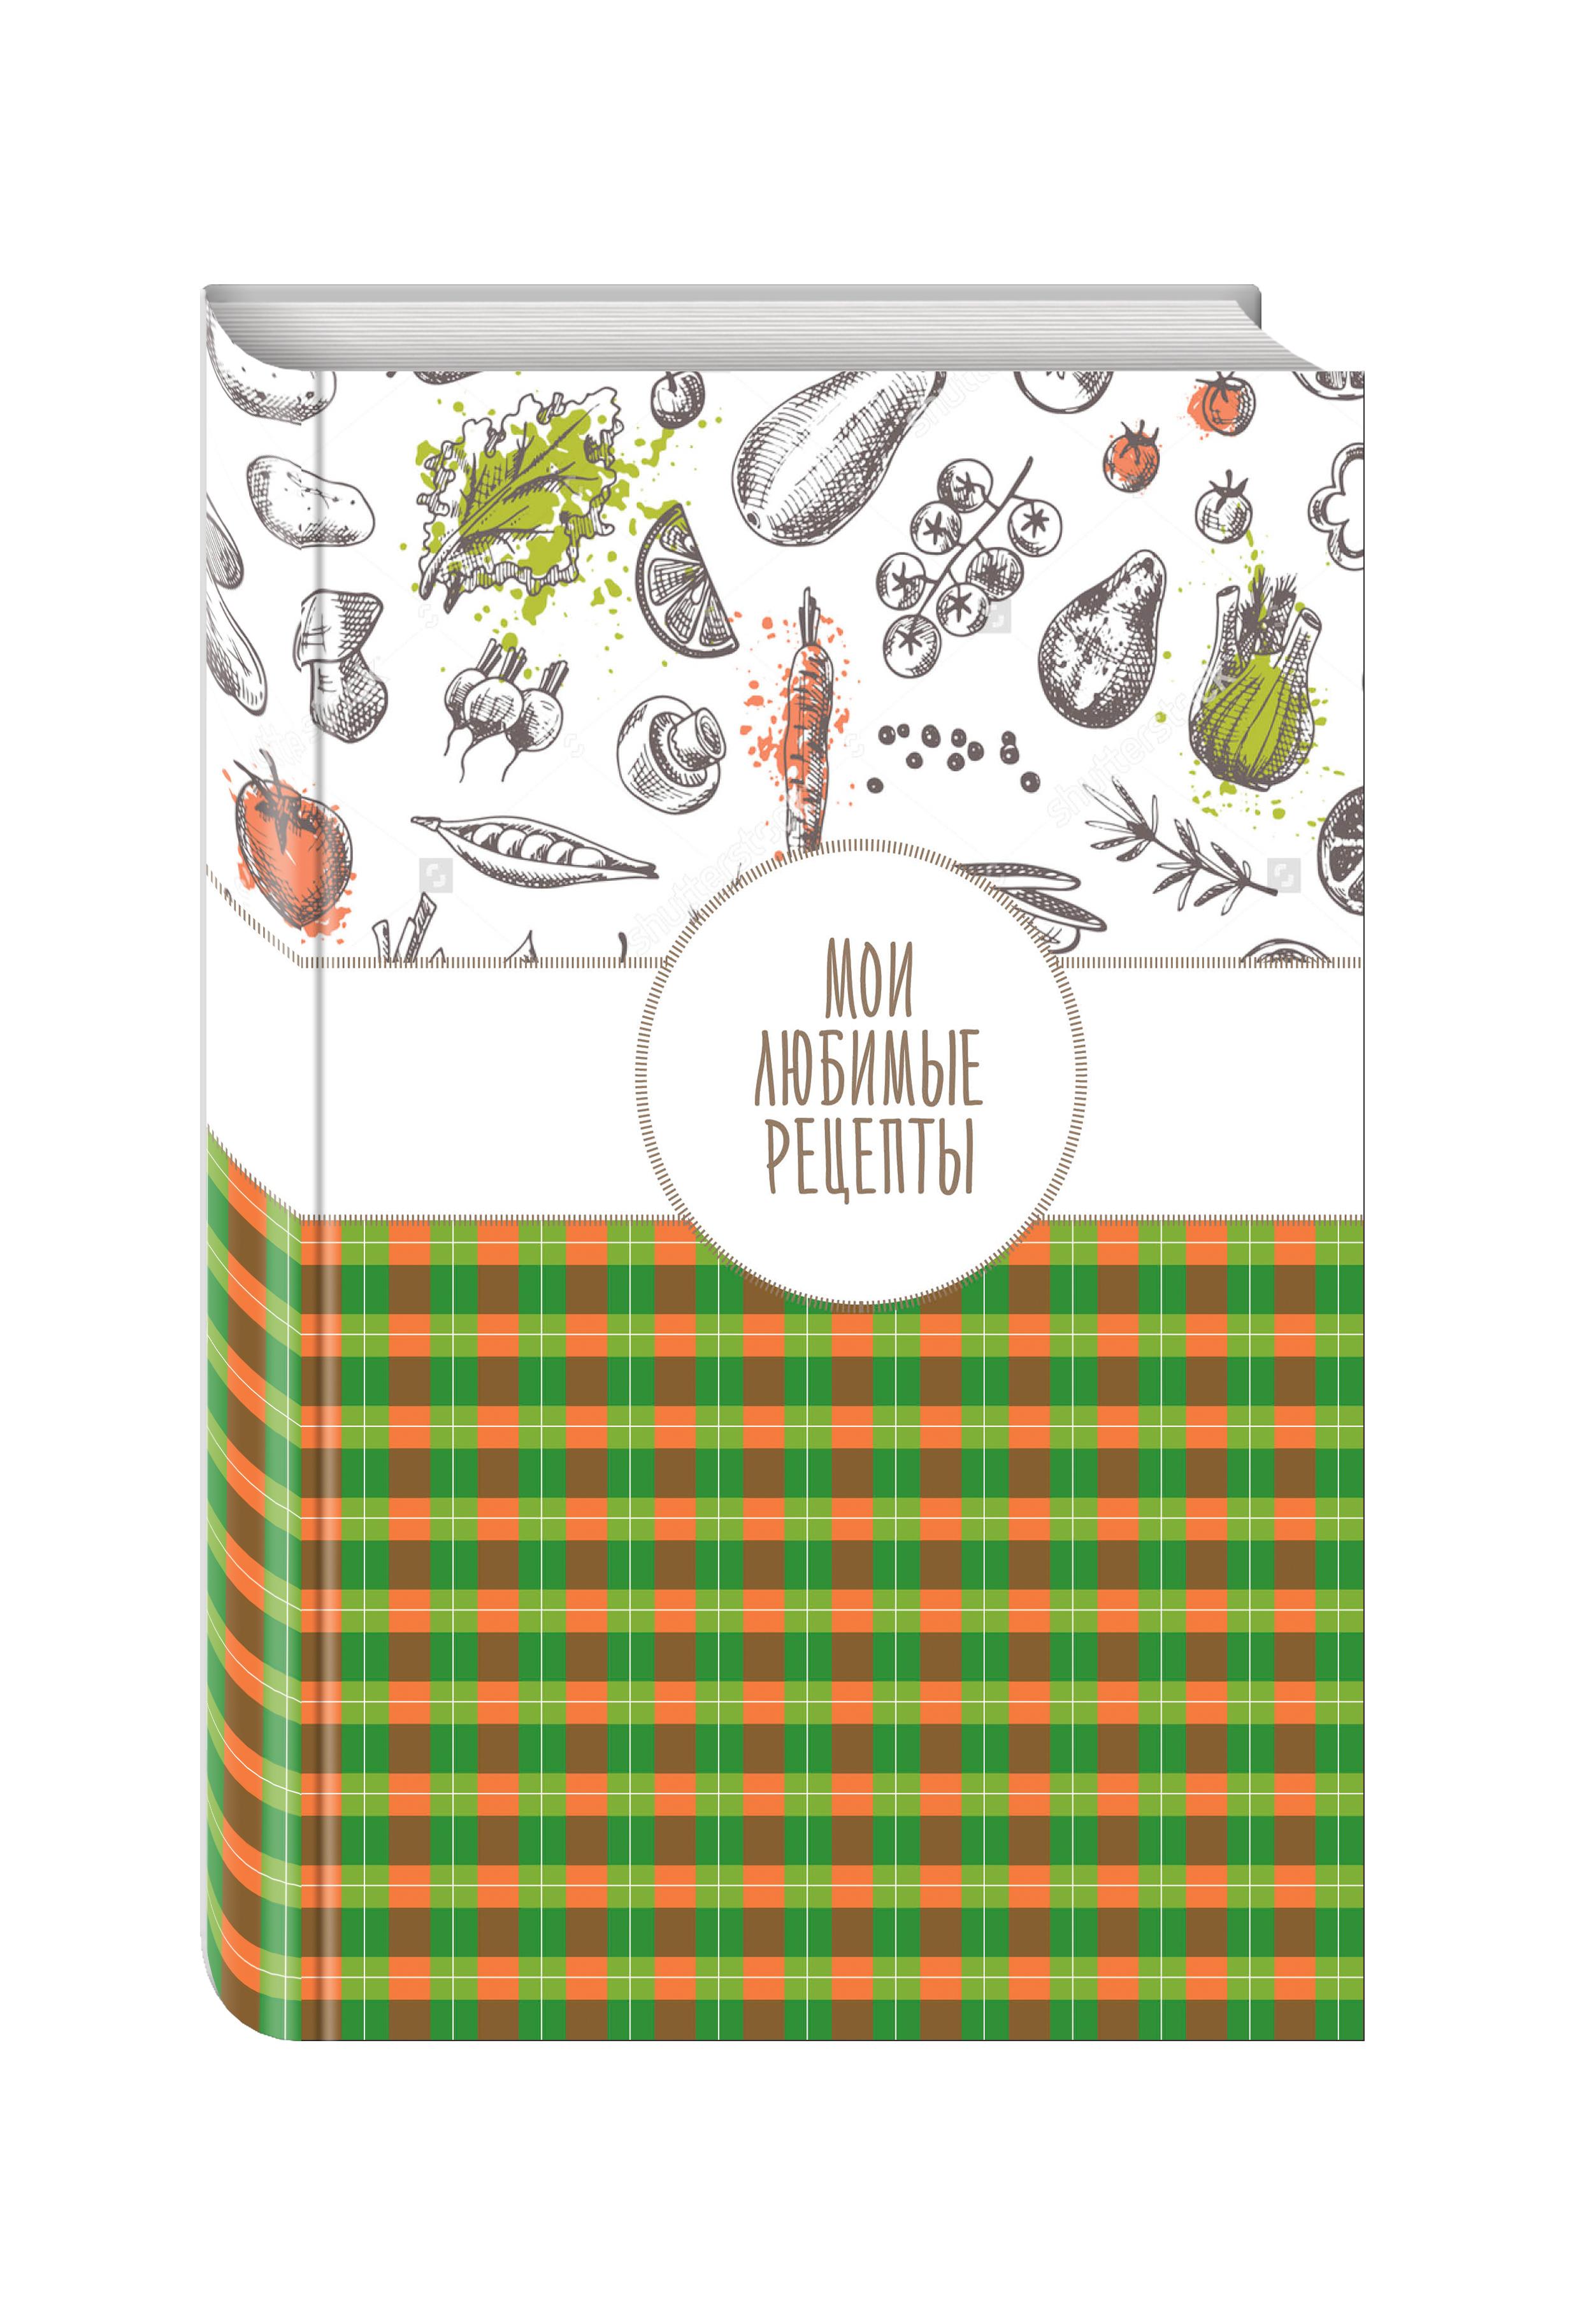 Мои любимые рецепты. Книга для записи рецептов (а5_Клеточка) отсутствует книга для записи рецептов